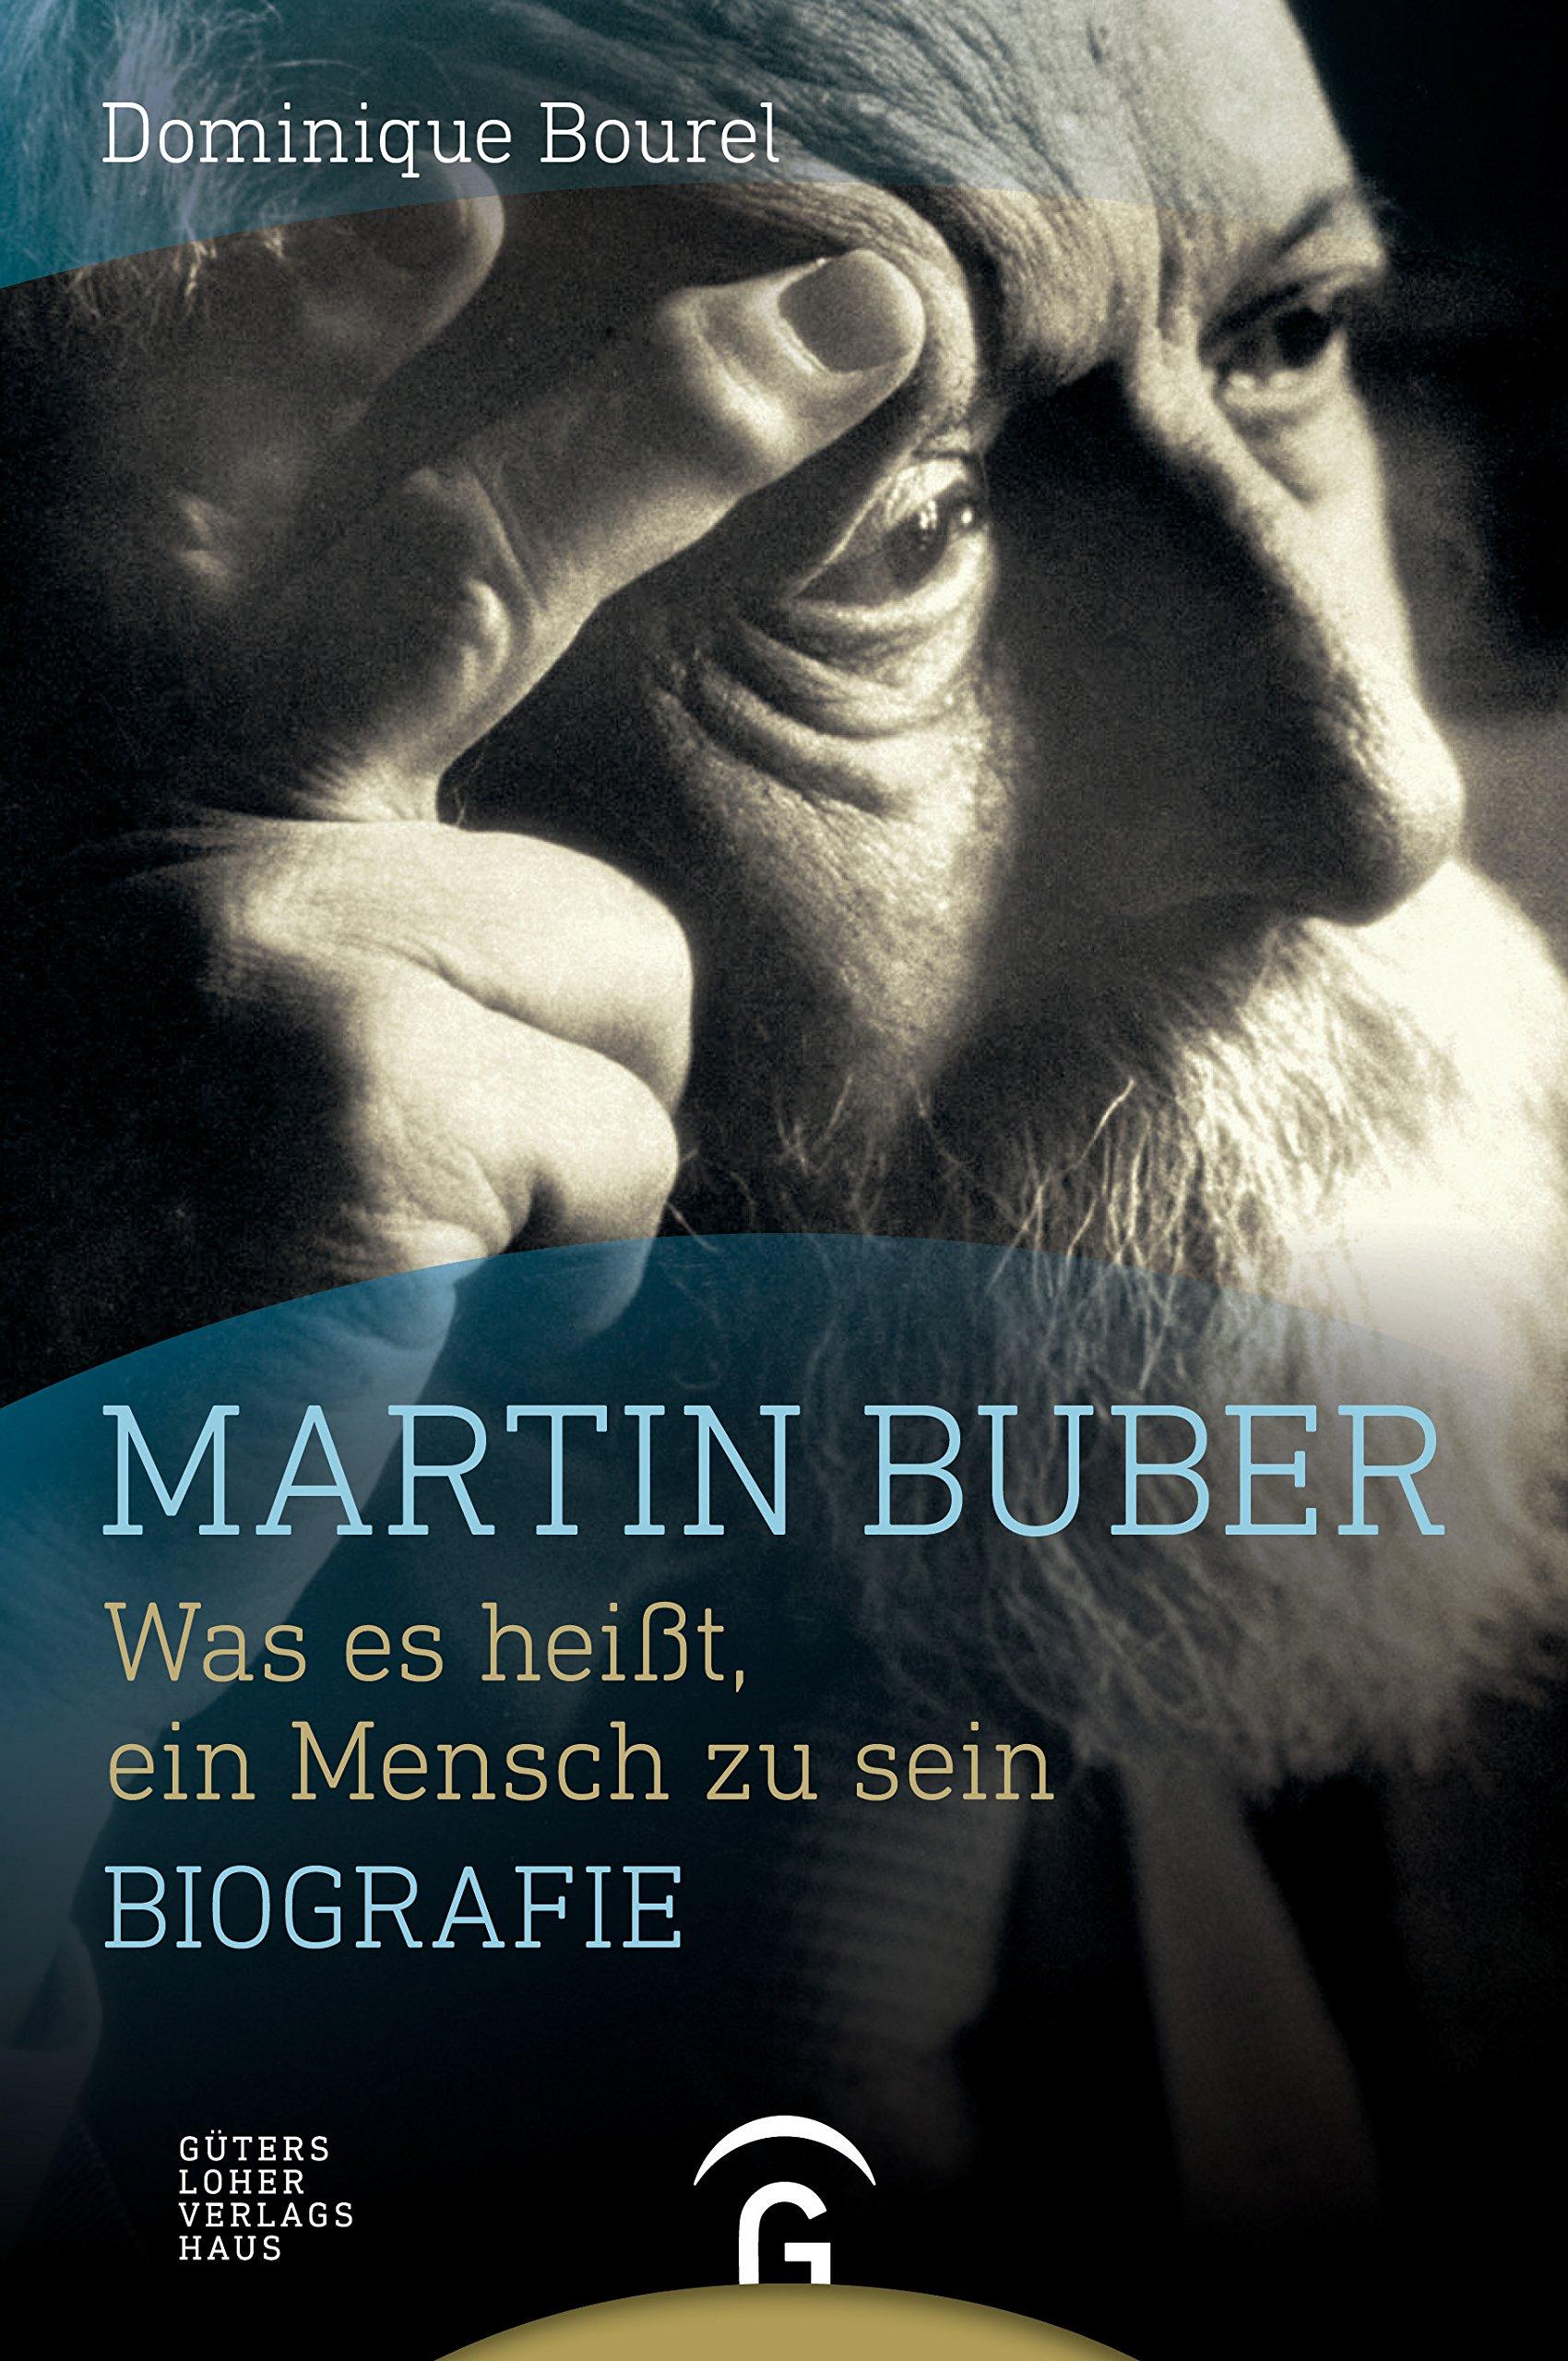 martin-buber-was-es-heisst-ein-mensch-zu-sein-biografie